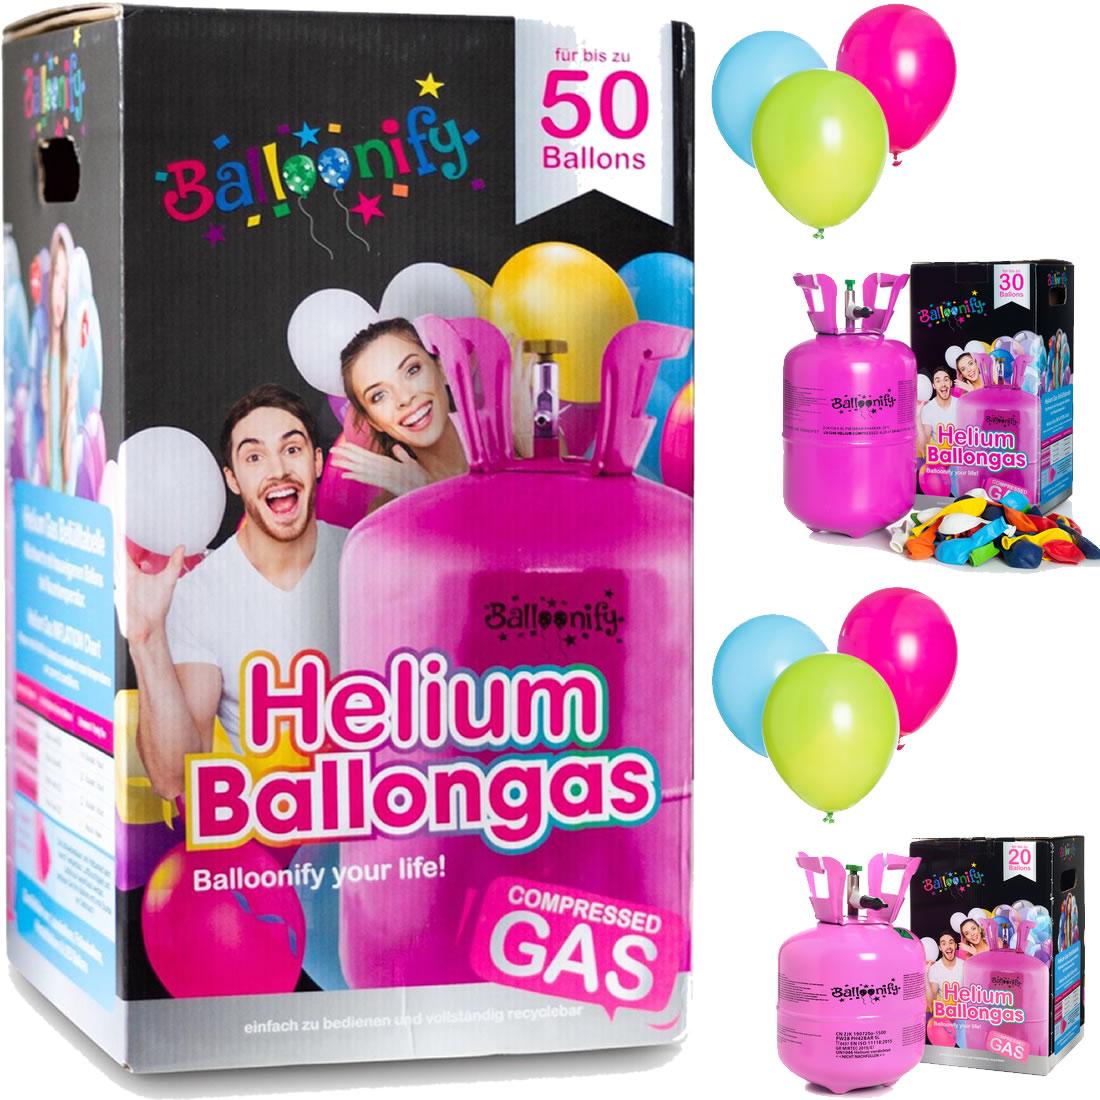 Helium & Ballongas